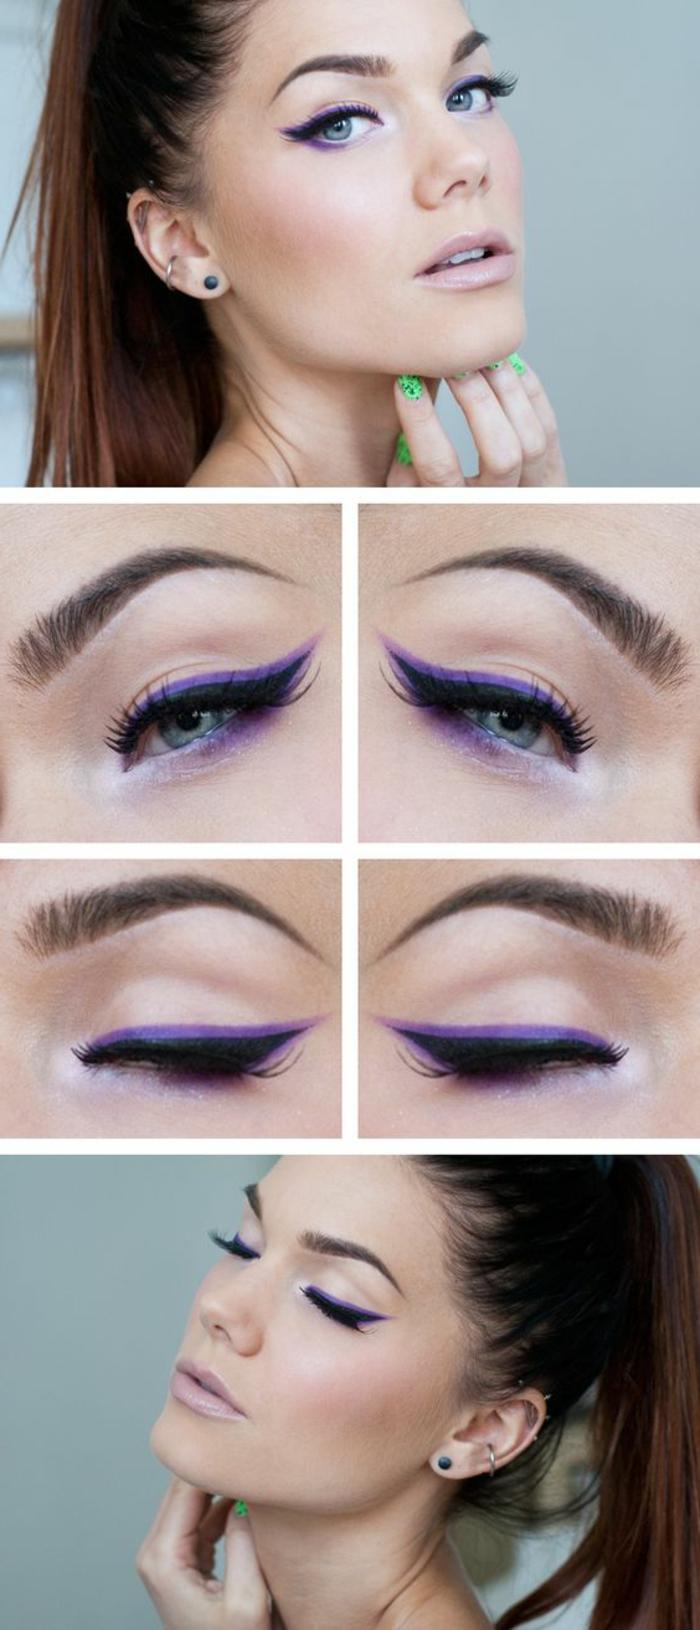 tutoriel maquillage avec crayon khol en bleu turquoise et lila et crayon noir avec des lèvres en rose pale